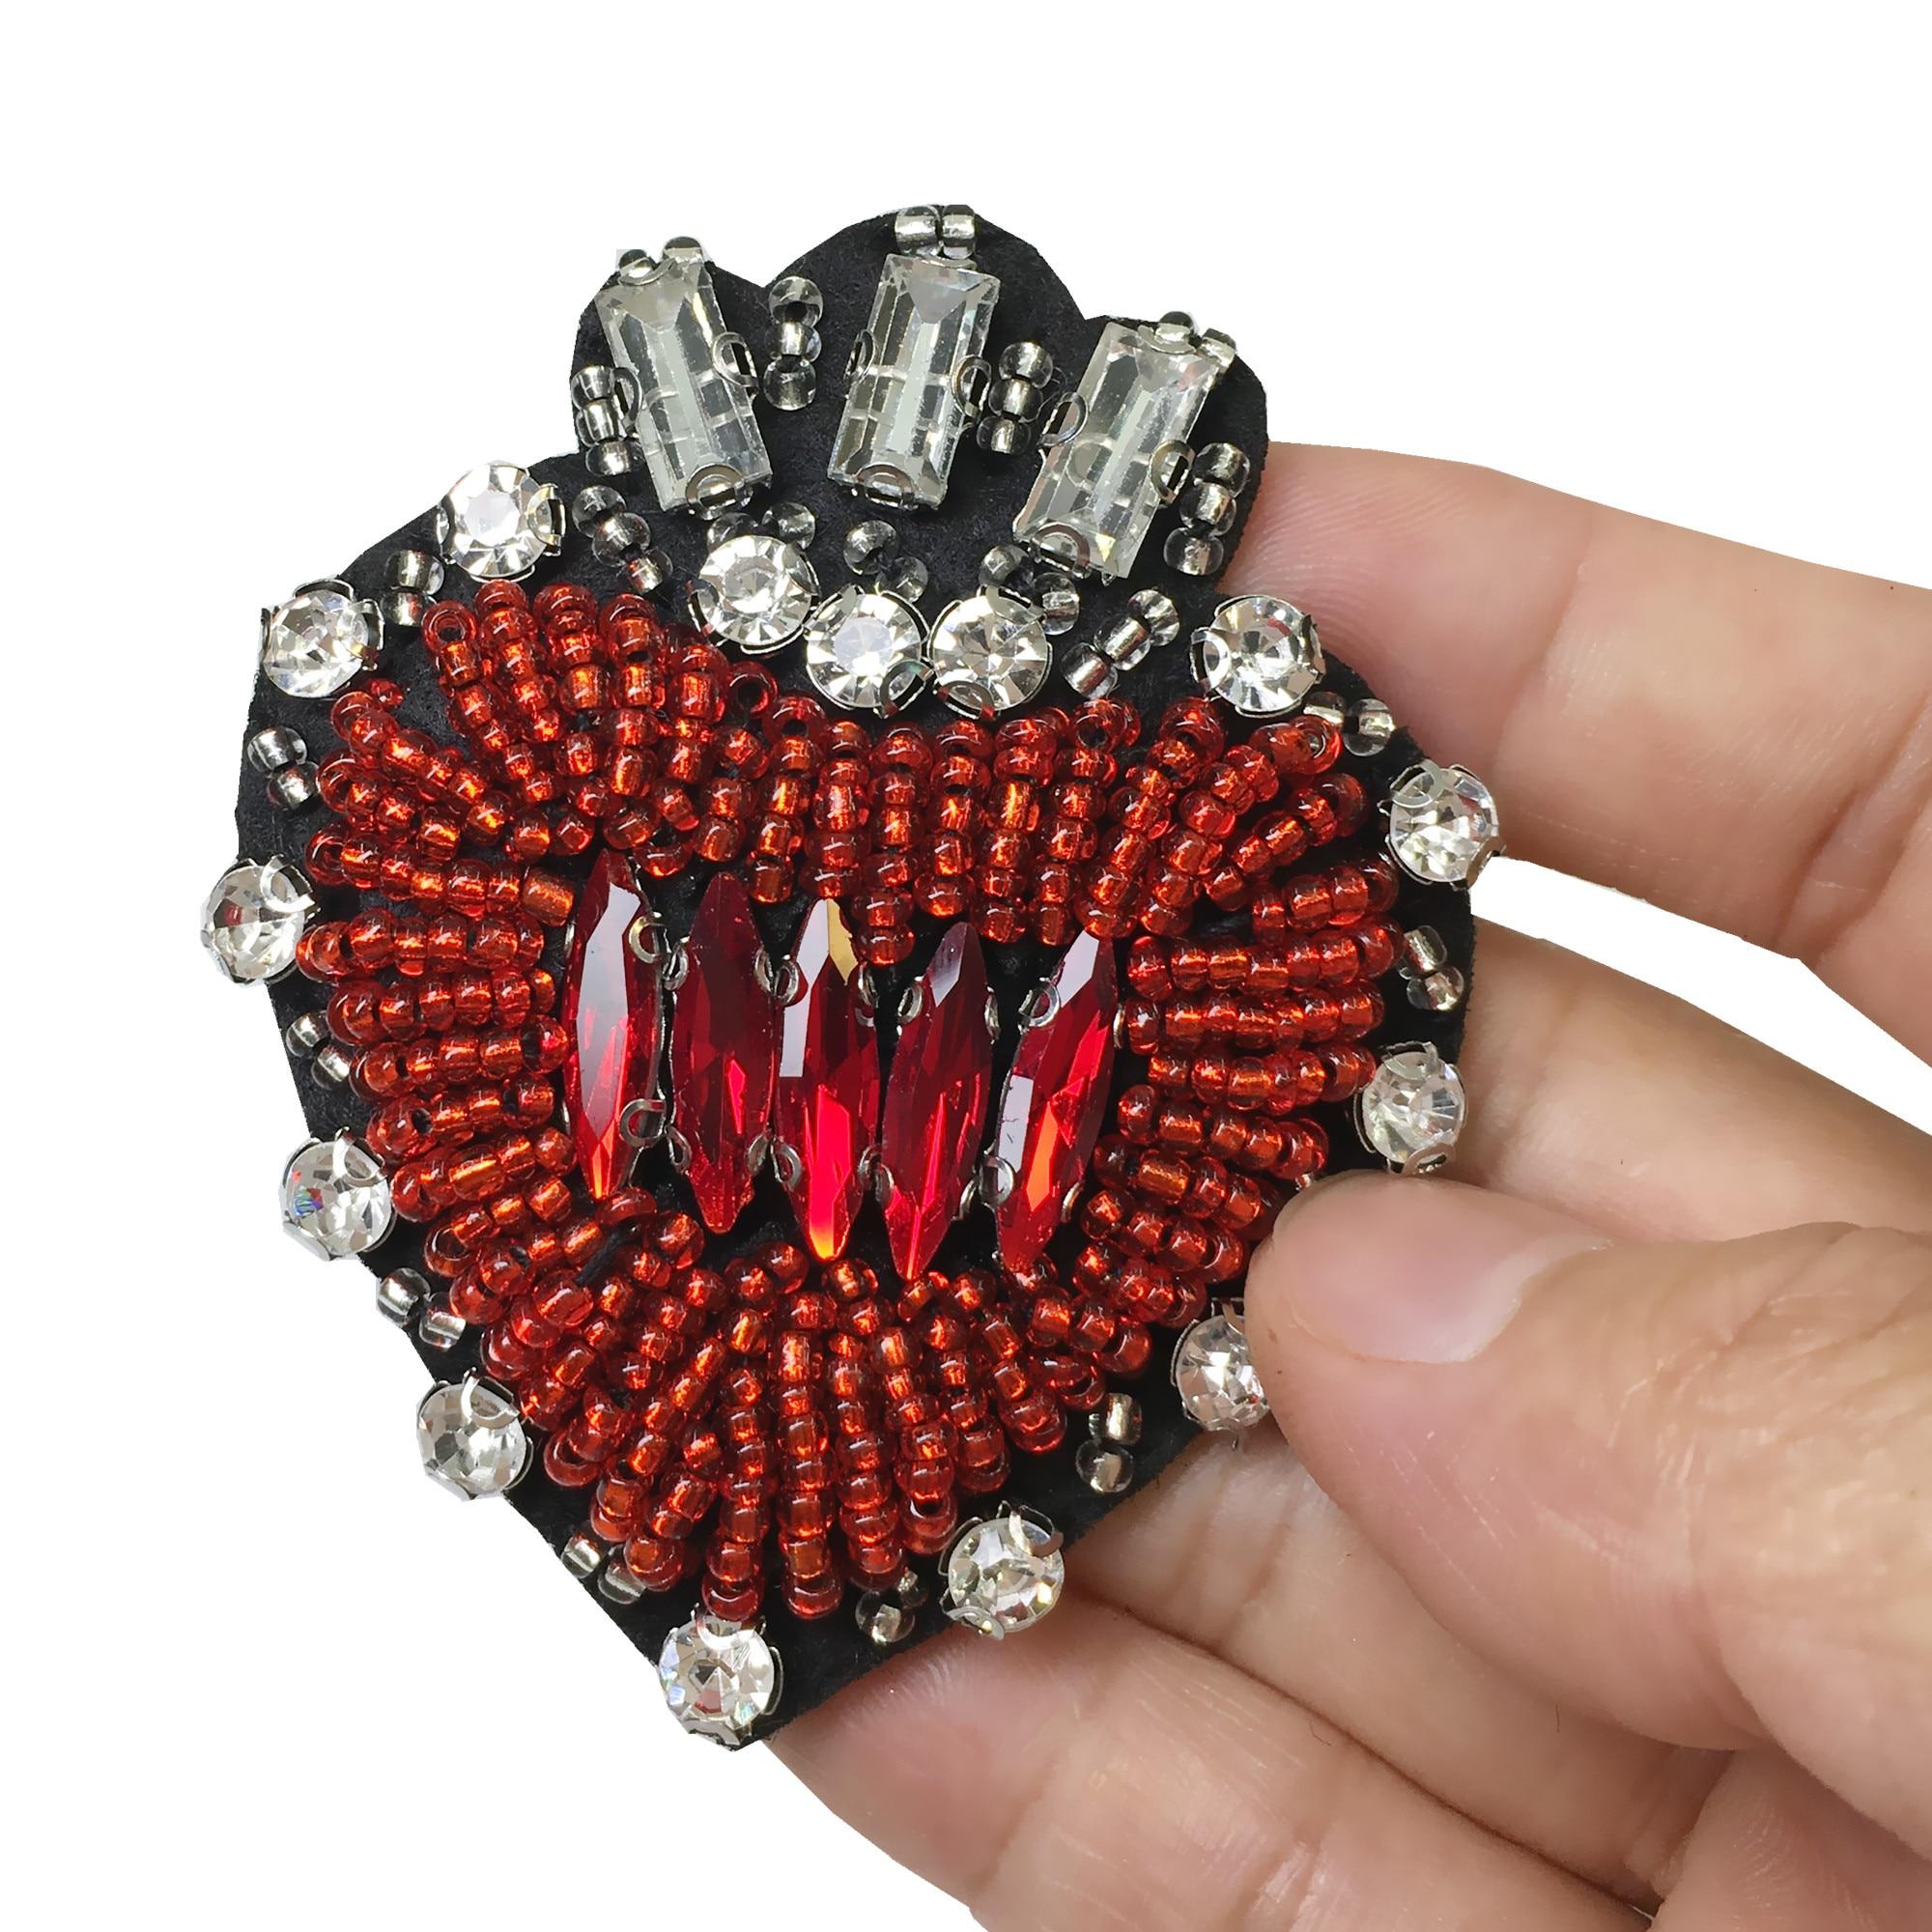 2db 6,5x5,5 cm-es varrás vörös szívű patchinon hímzéssel - Művészet, kézművesség és varrás